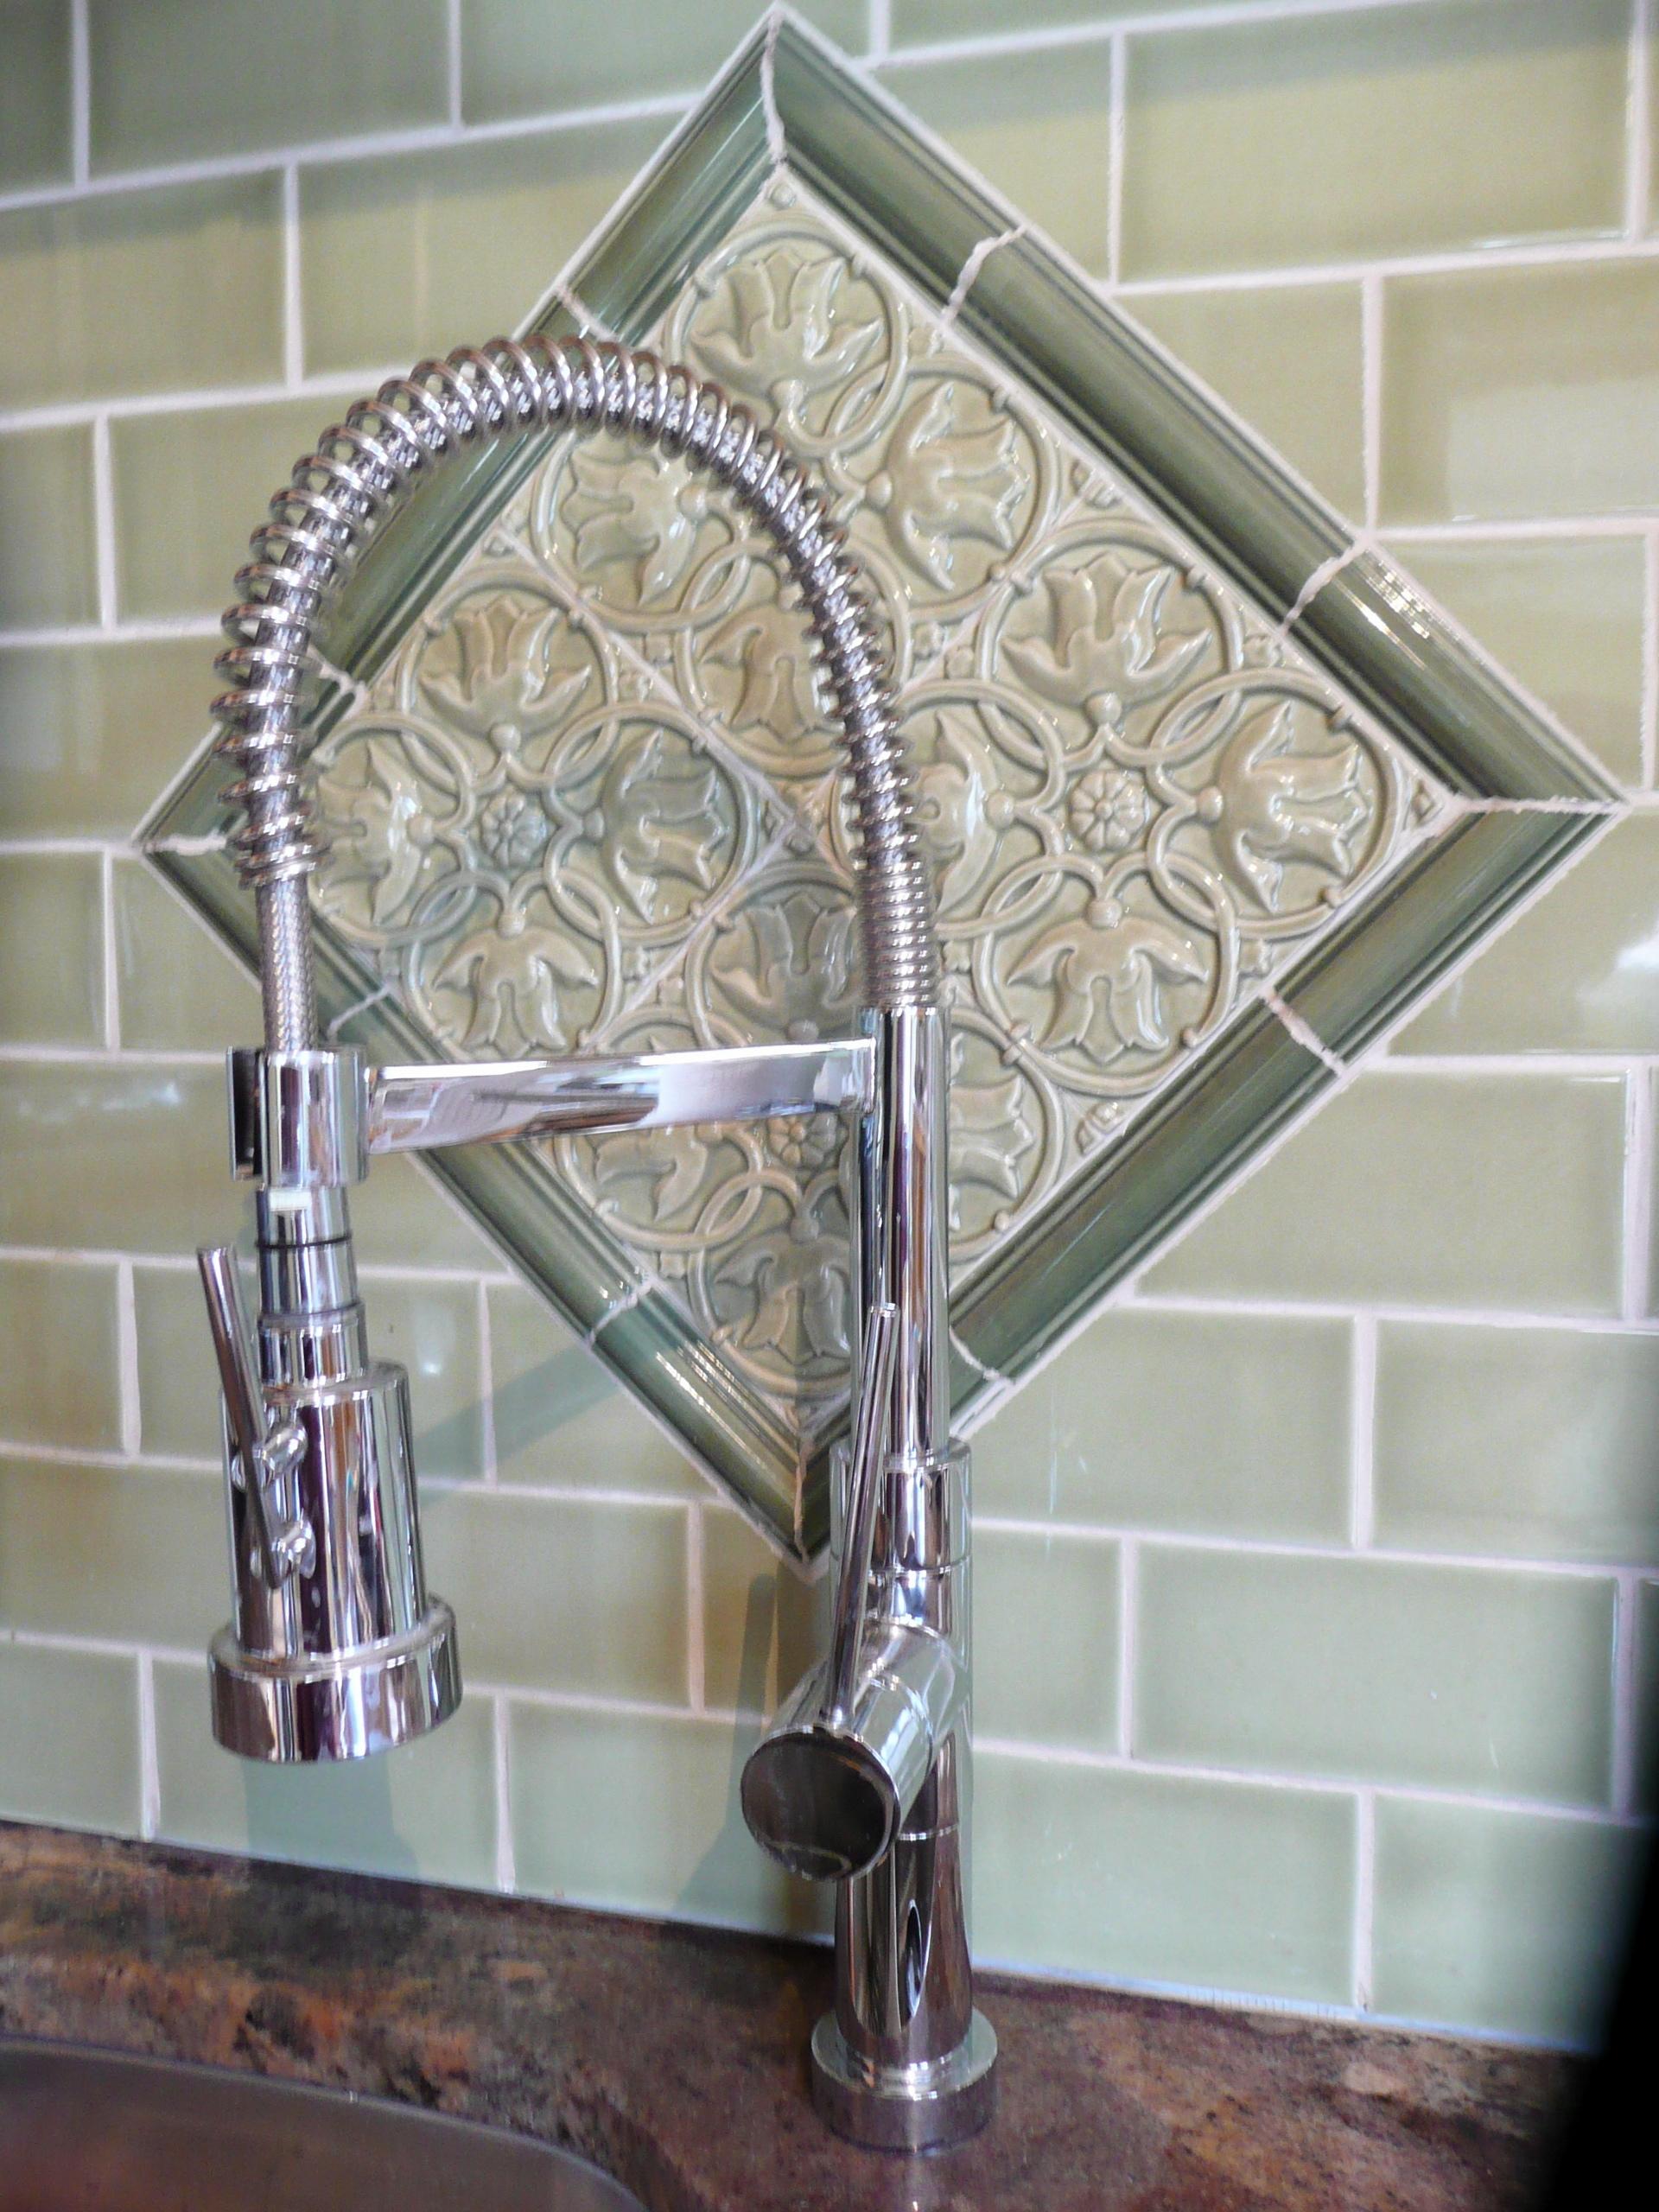 Ideas, best restaurant style faucet best restaurant style faucet faucet restaurant style kitchen faucet 1920 x 2560  .